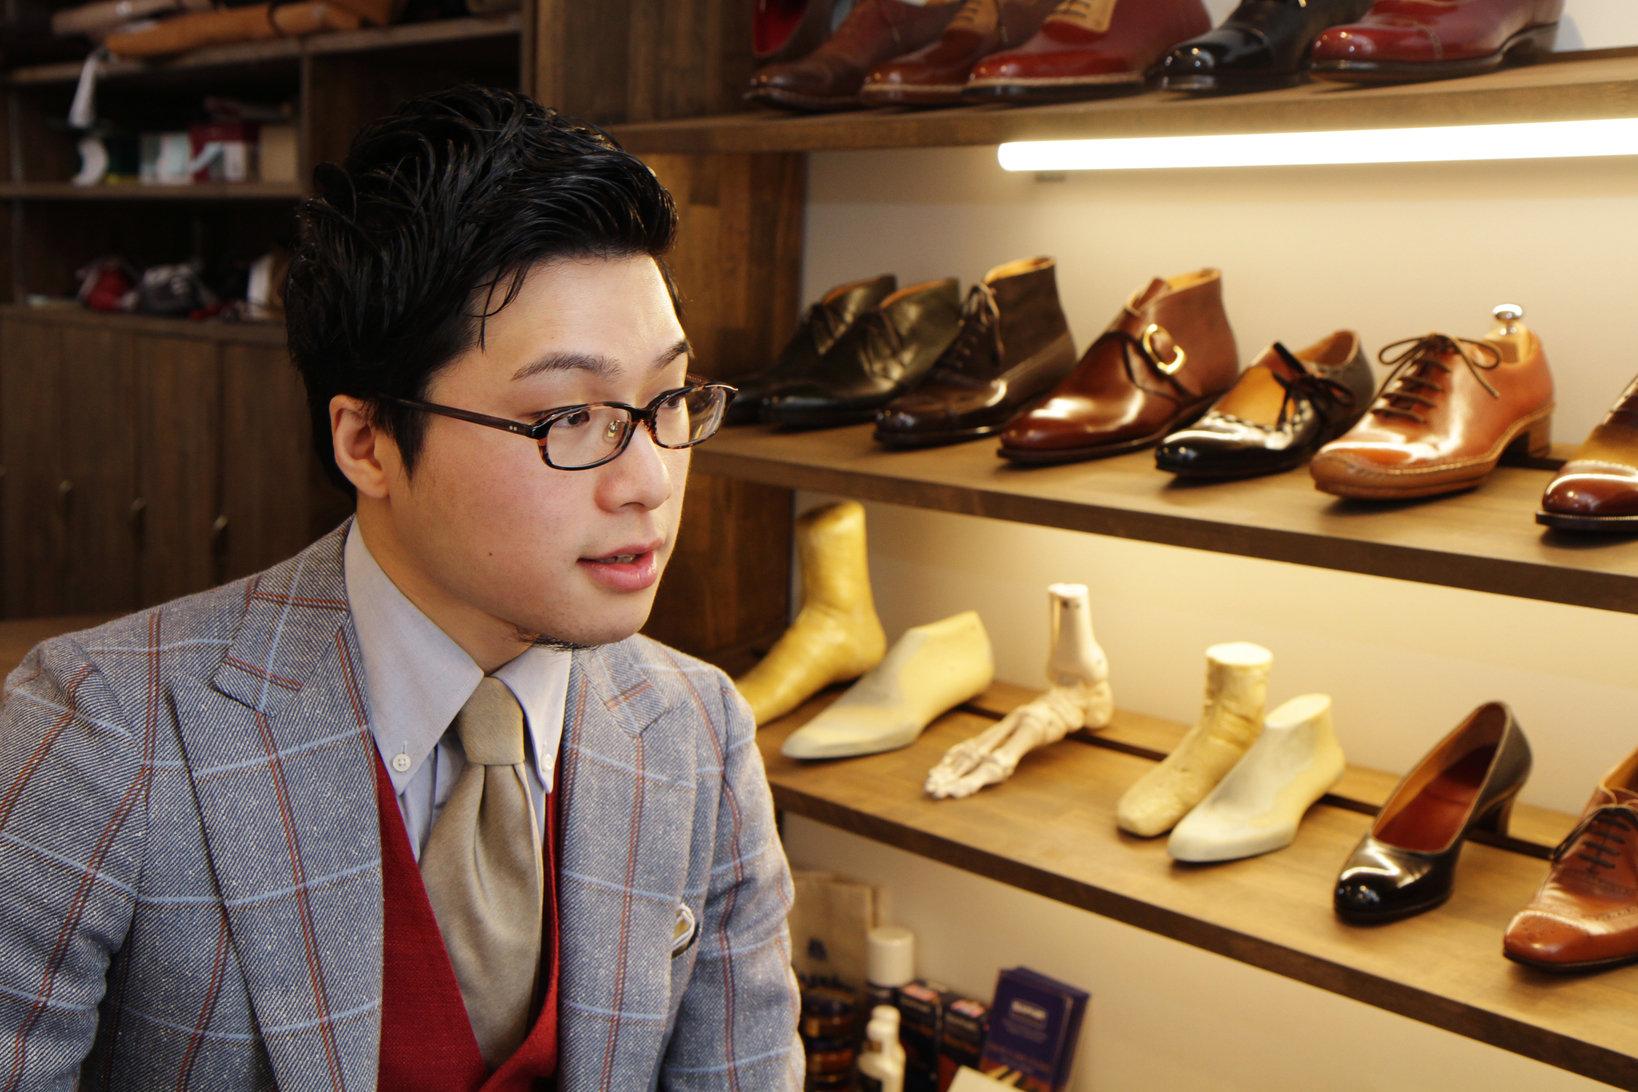 整形靴の世界に飛び込んだ経緯を語る八巻さん